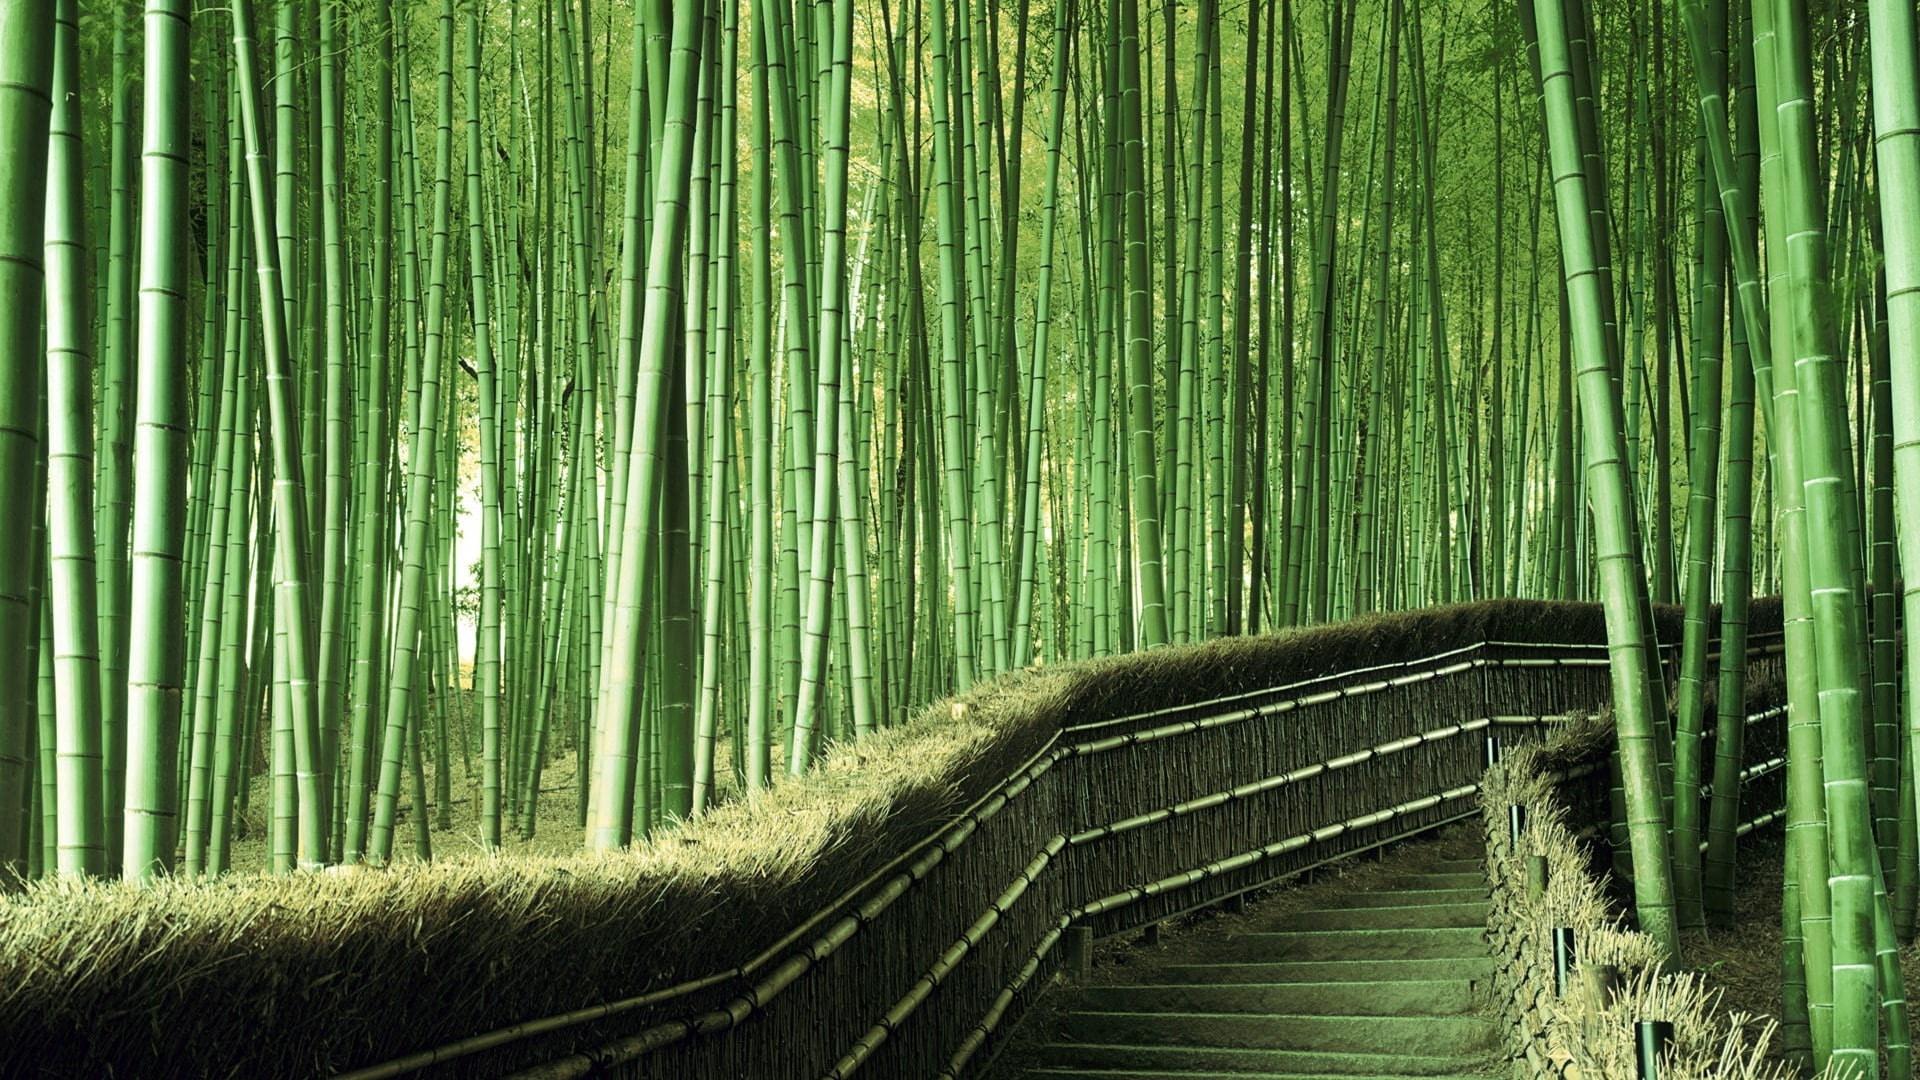 Pasarela en bosque de bambú, las gramíneas que alcanzan mayor tamaño.